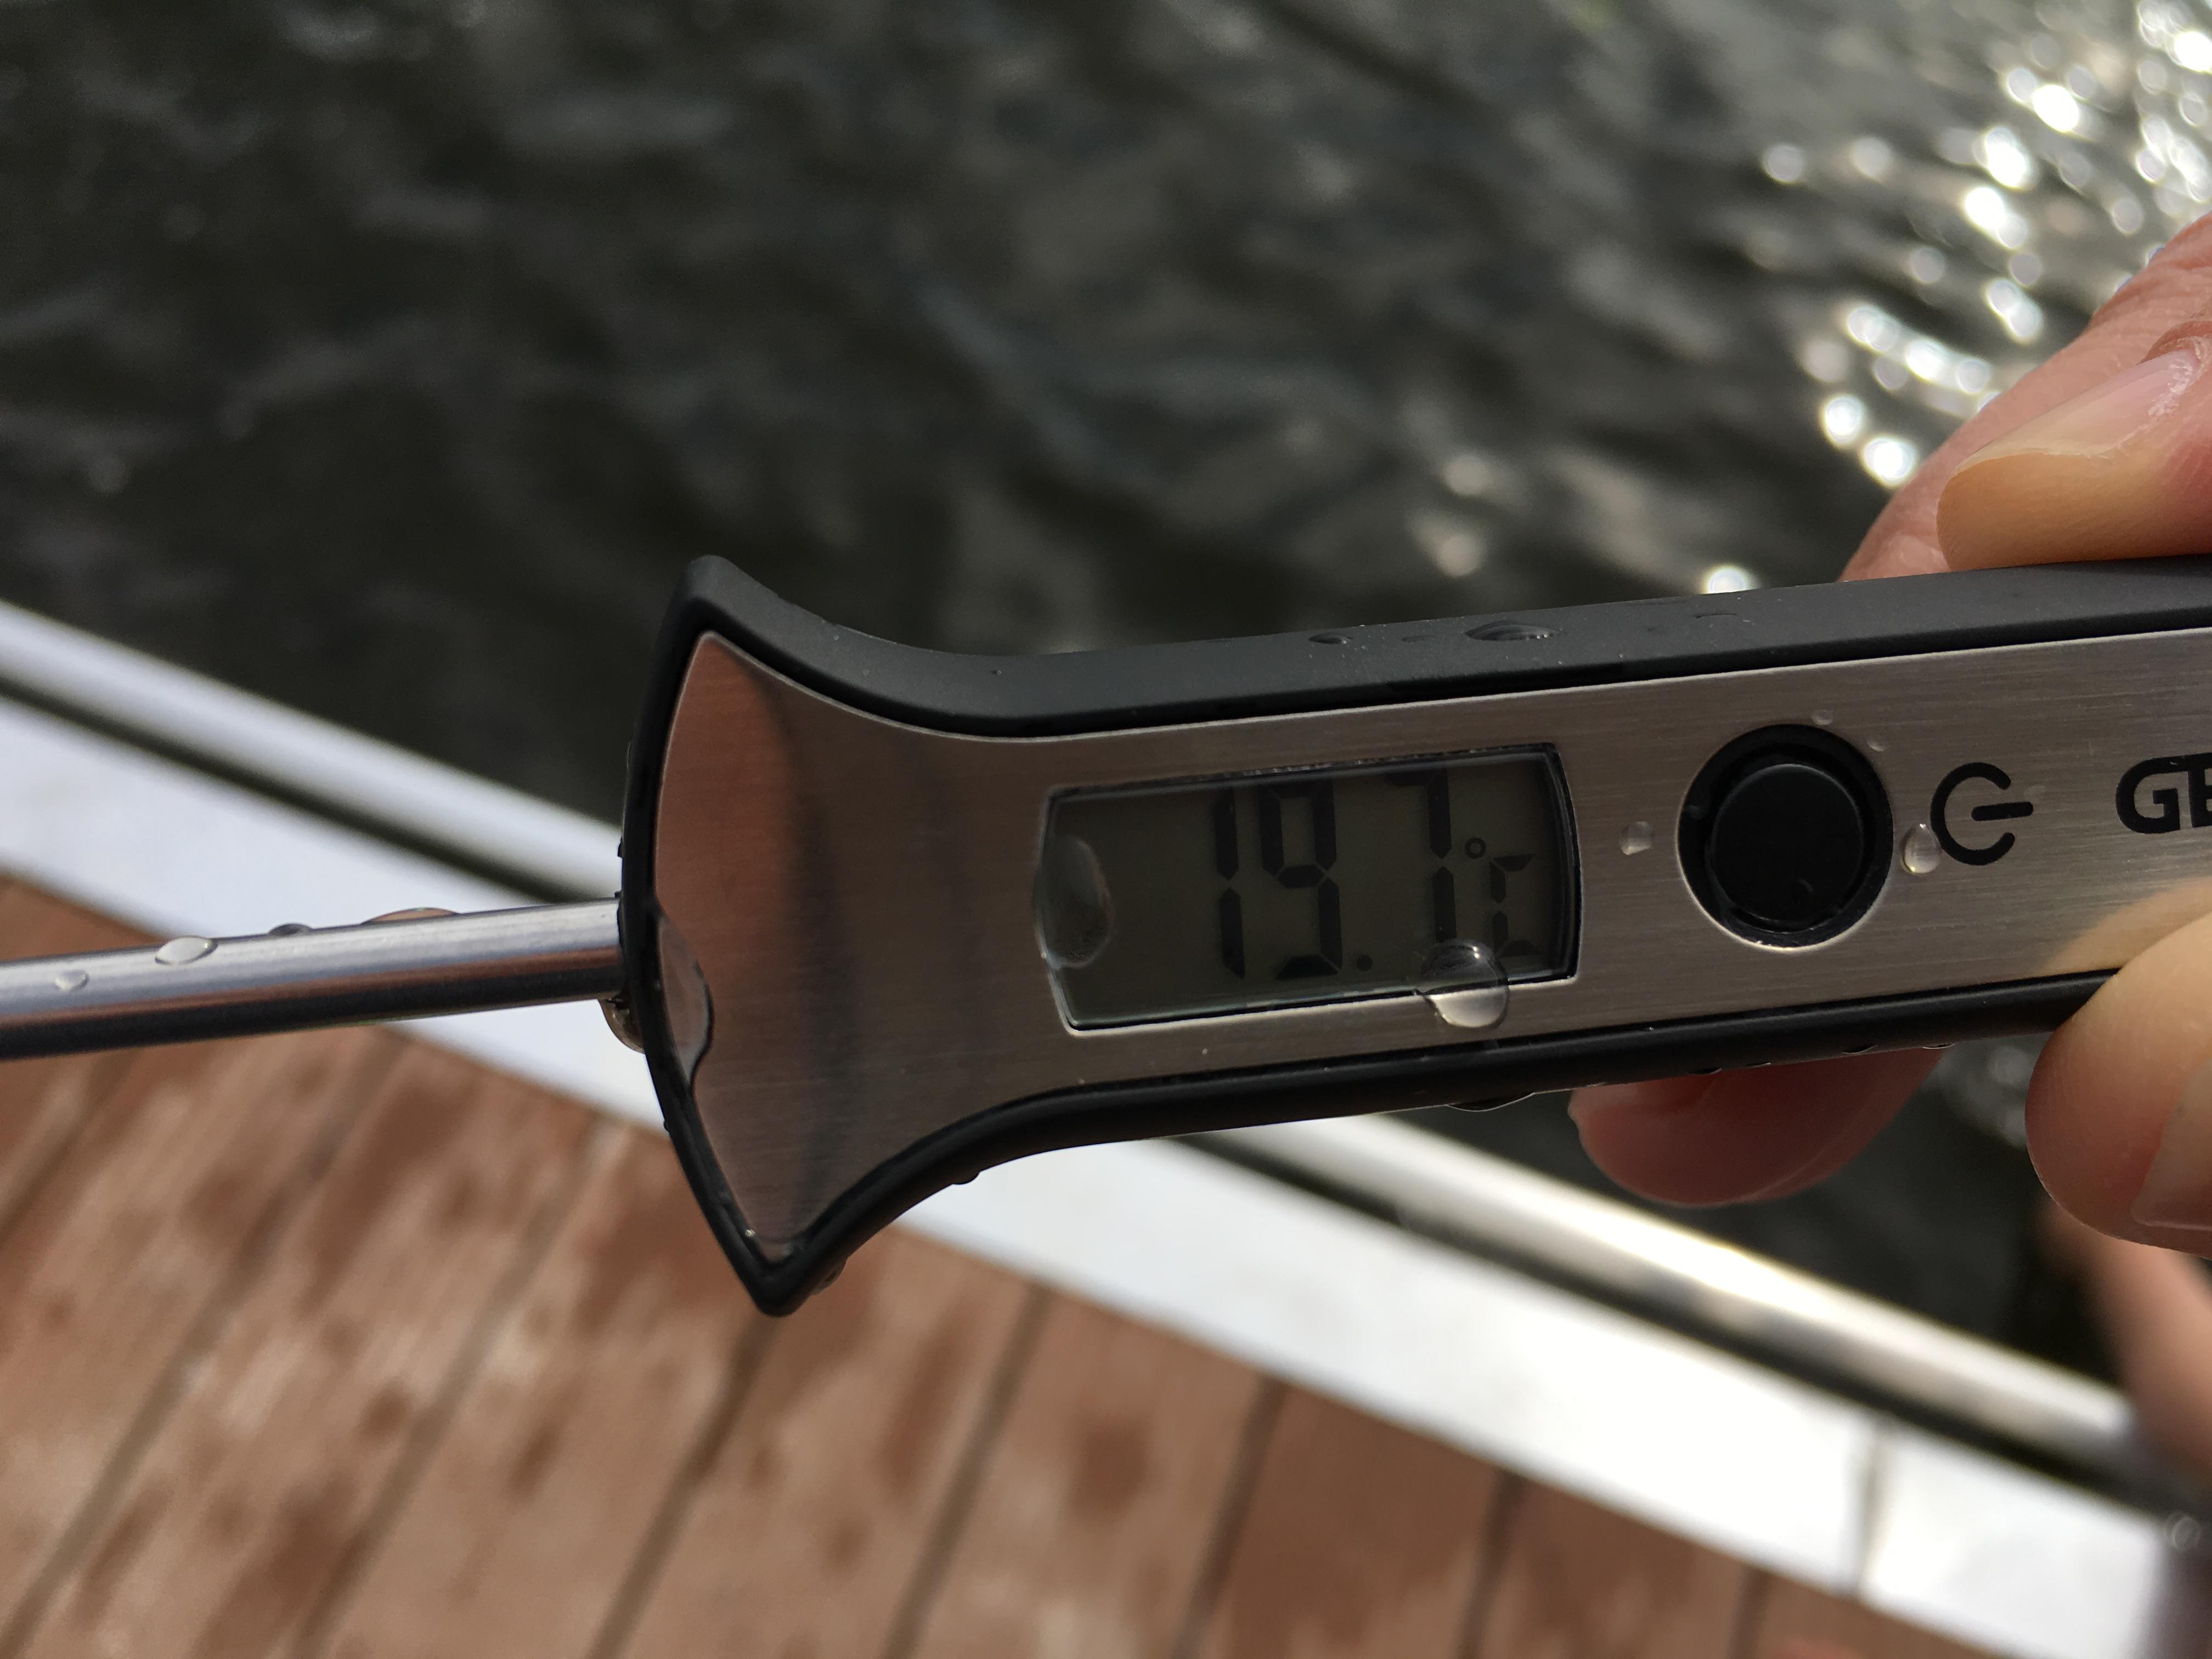 Wassertemperatur - erfrischend!